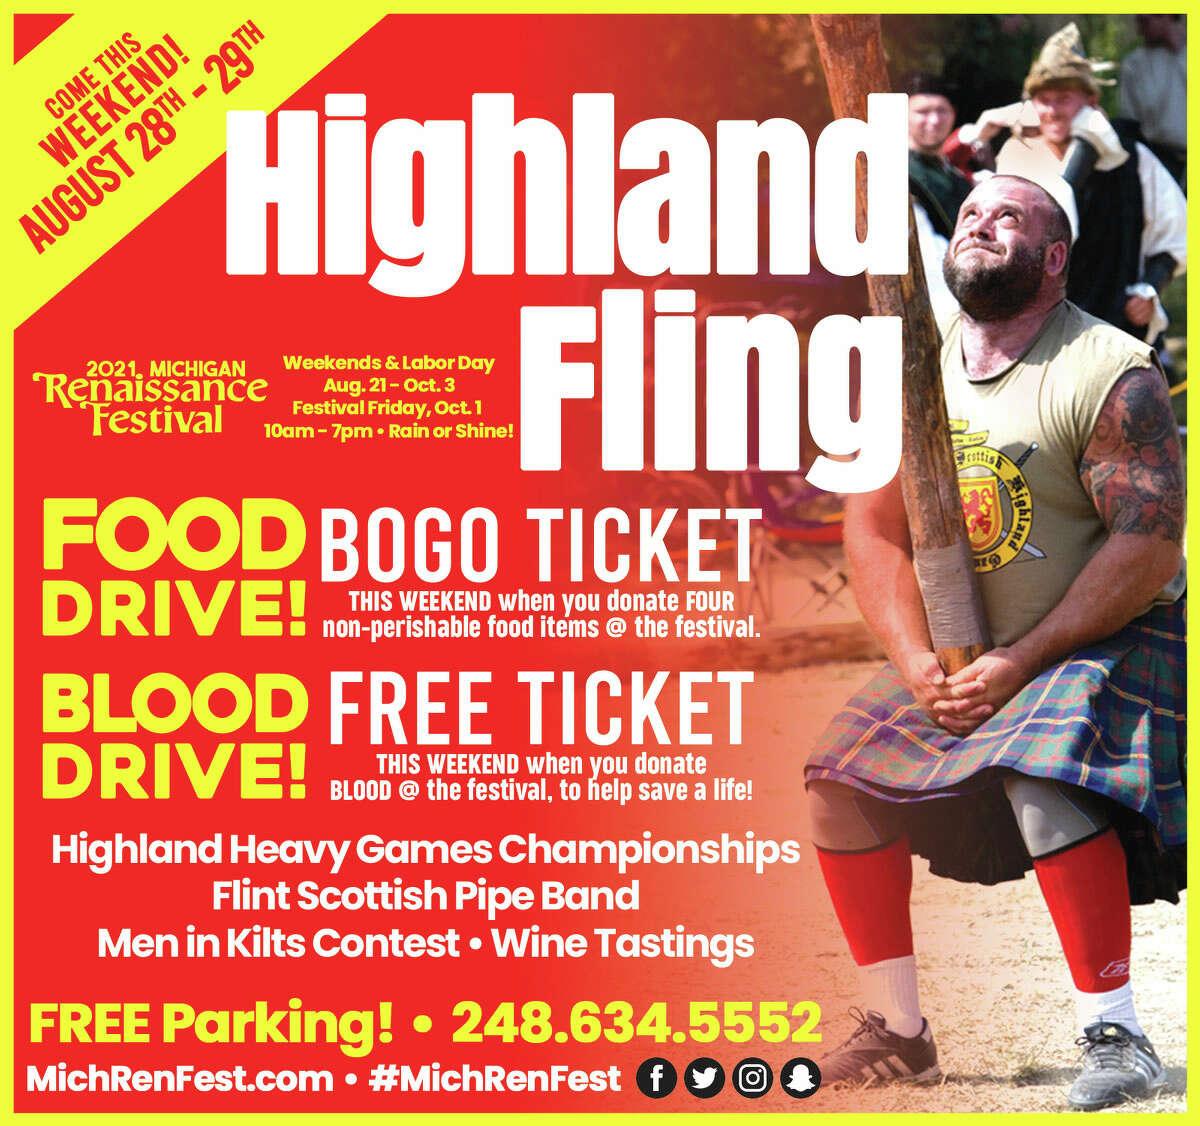 Michigan Renaissance Festival's Highland Fling weekend flyer.